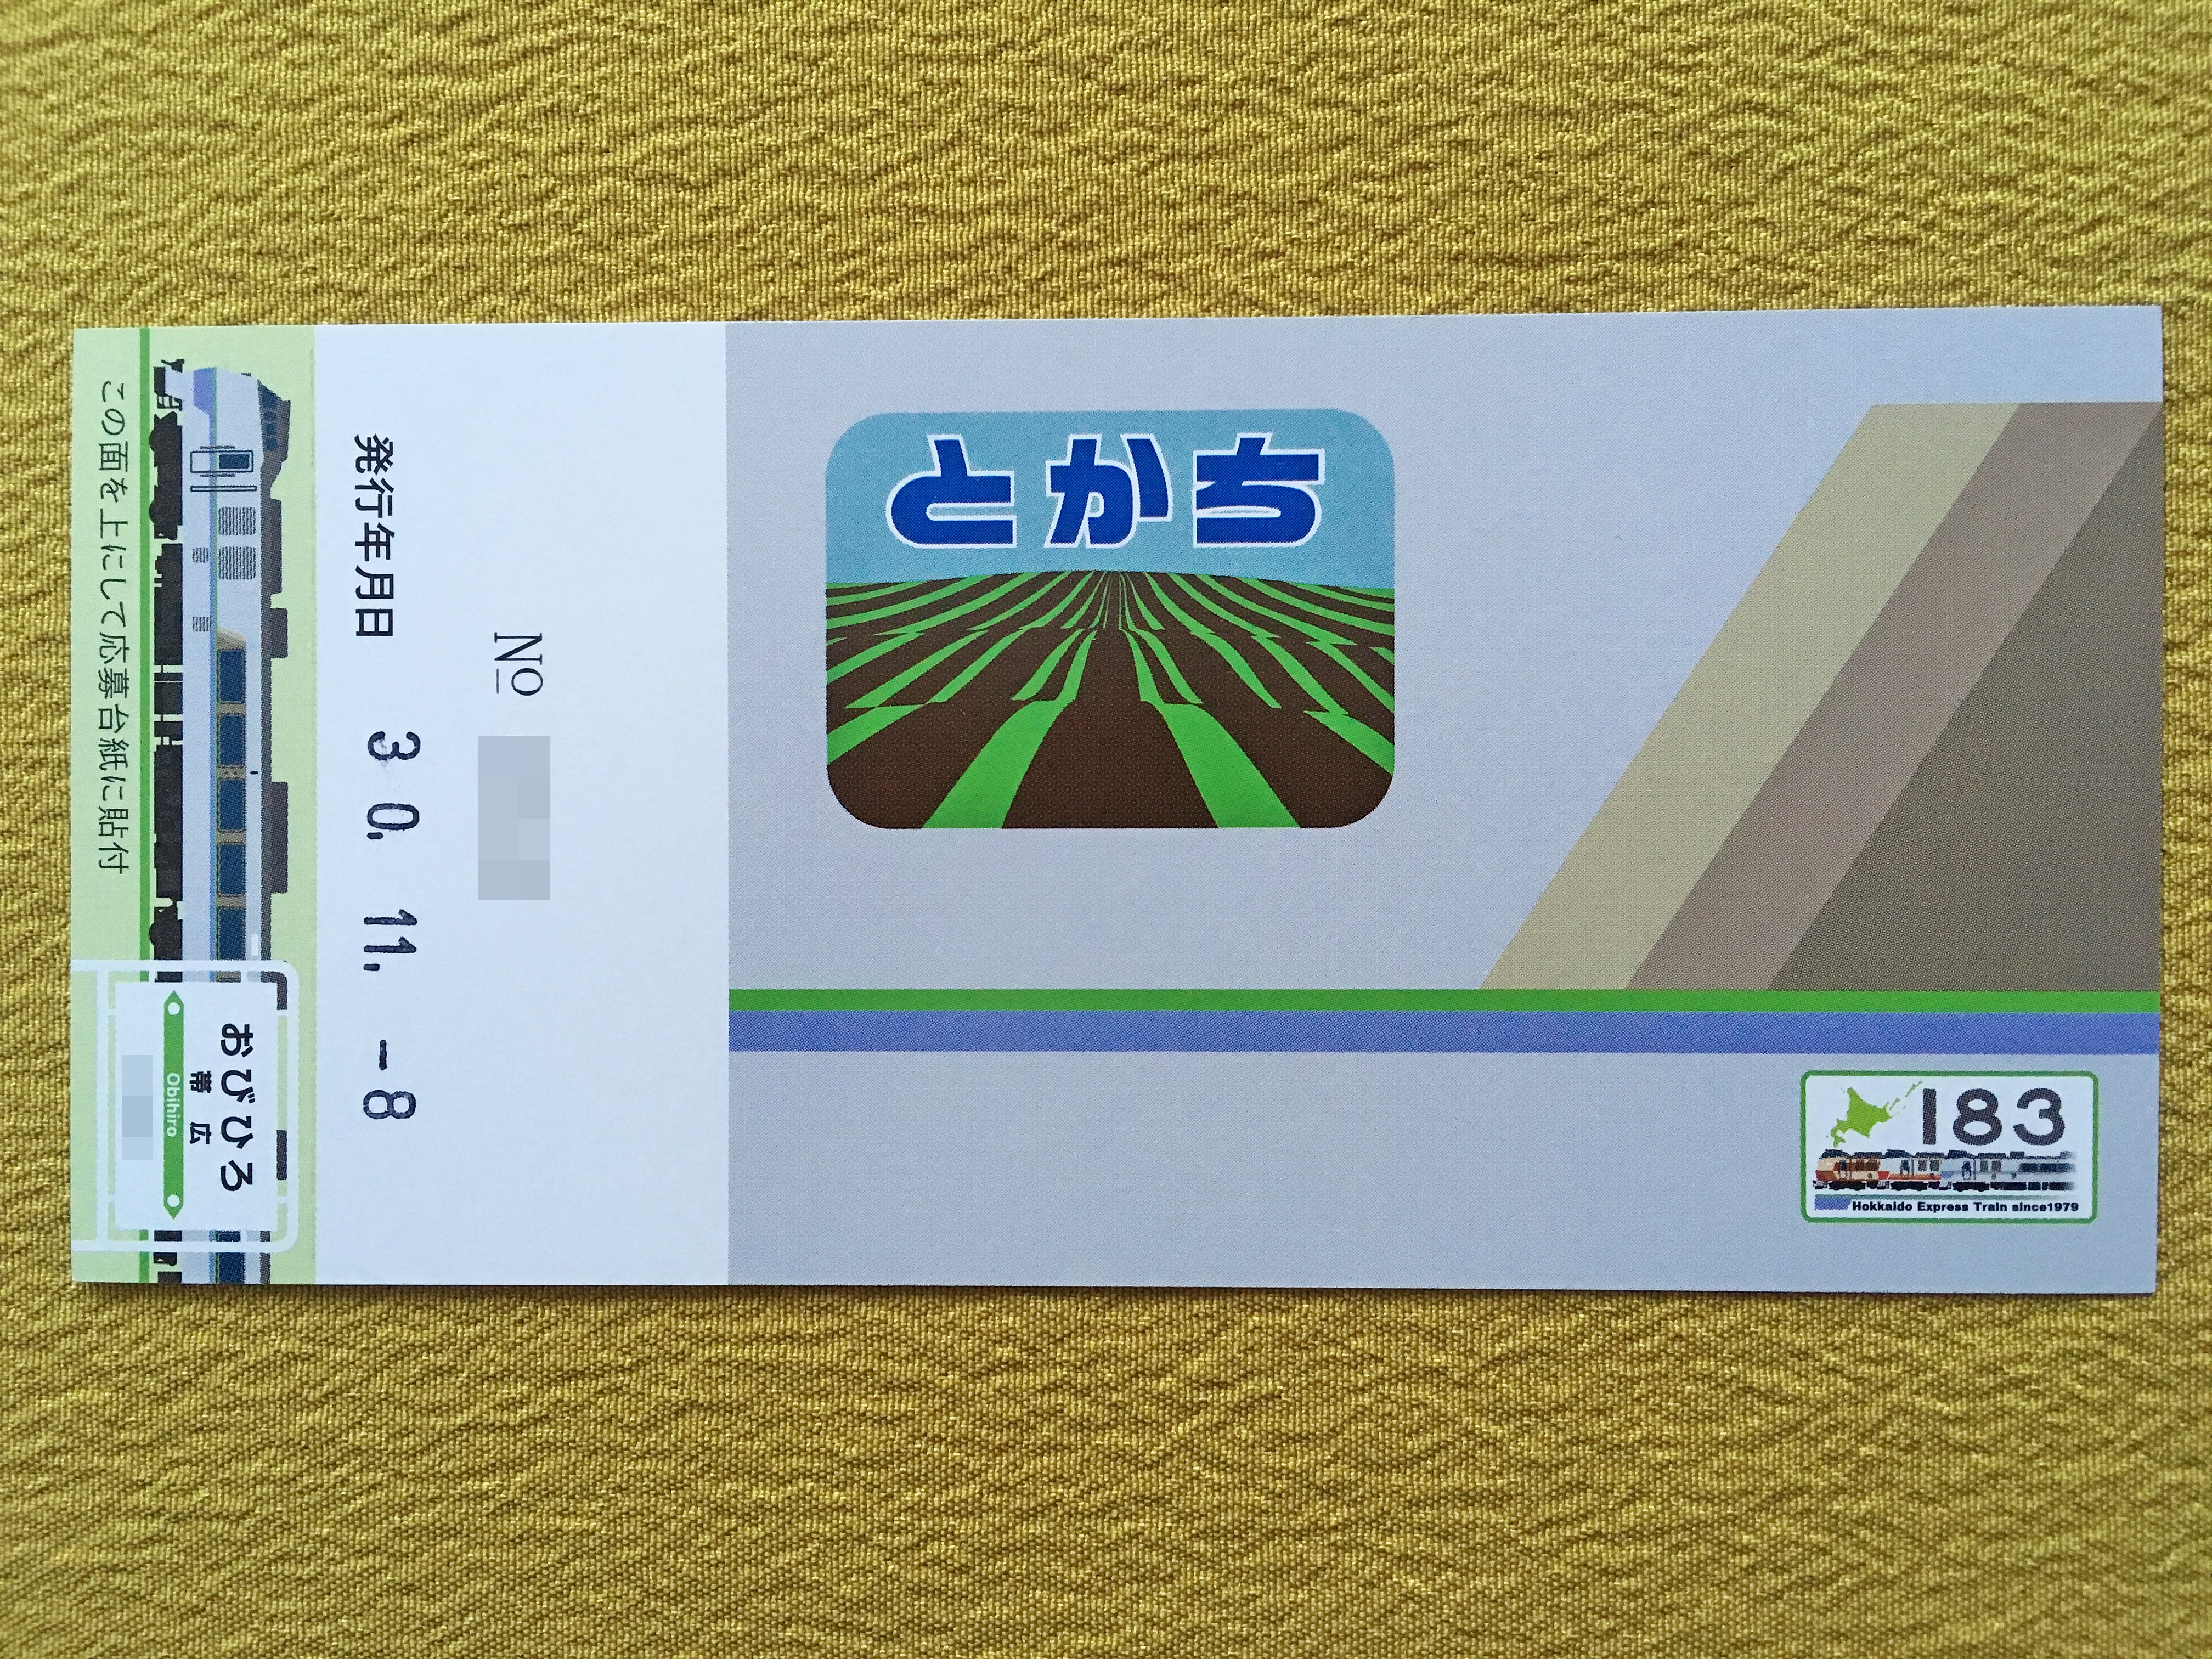 キハ183-0系記念入場券 帯広駅裏.JPG